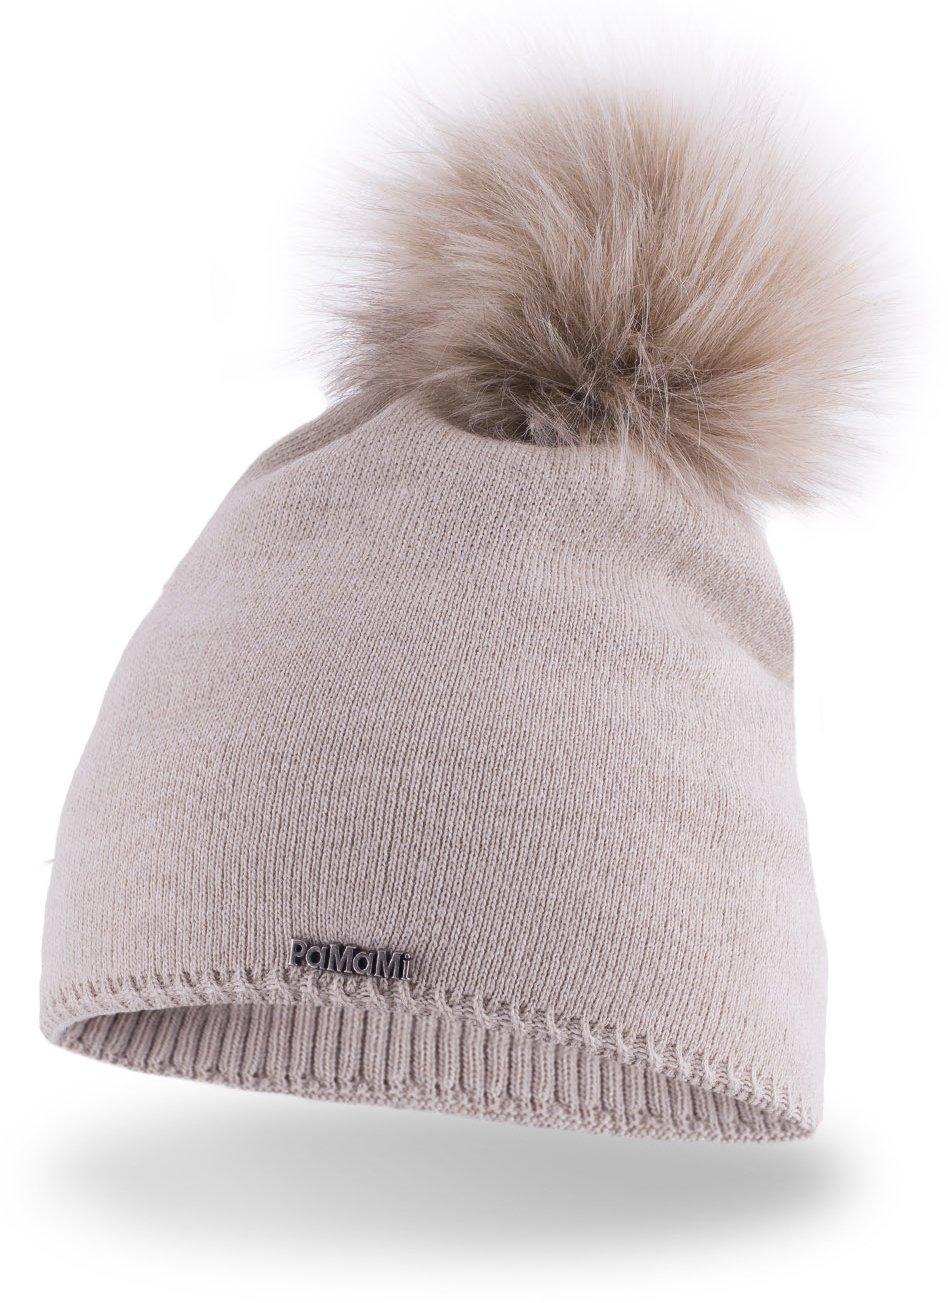 Slouch Beanie für Damen | PaMaMi® 17504 | warme Strickmütze mit Bommel | gestrickte Bommelmütze | Fellbommel Mütze für Winter | weiche Wintermütze | Farbenauswahl